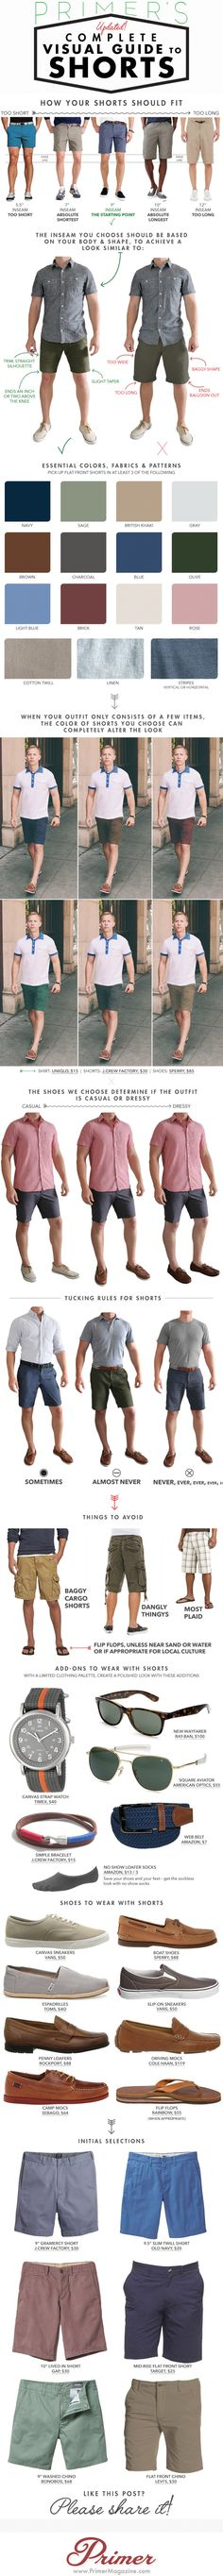 Infografía de como llevar pantalones cortos hombre